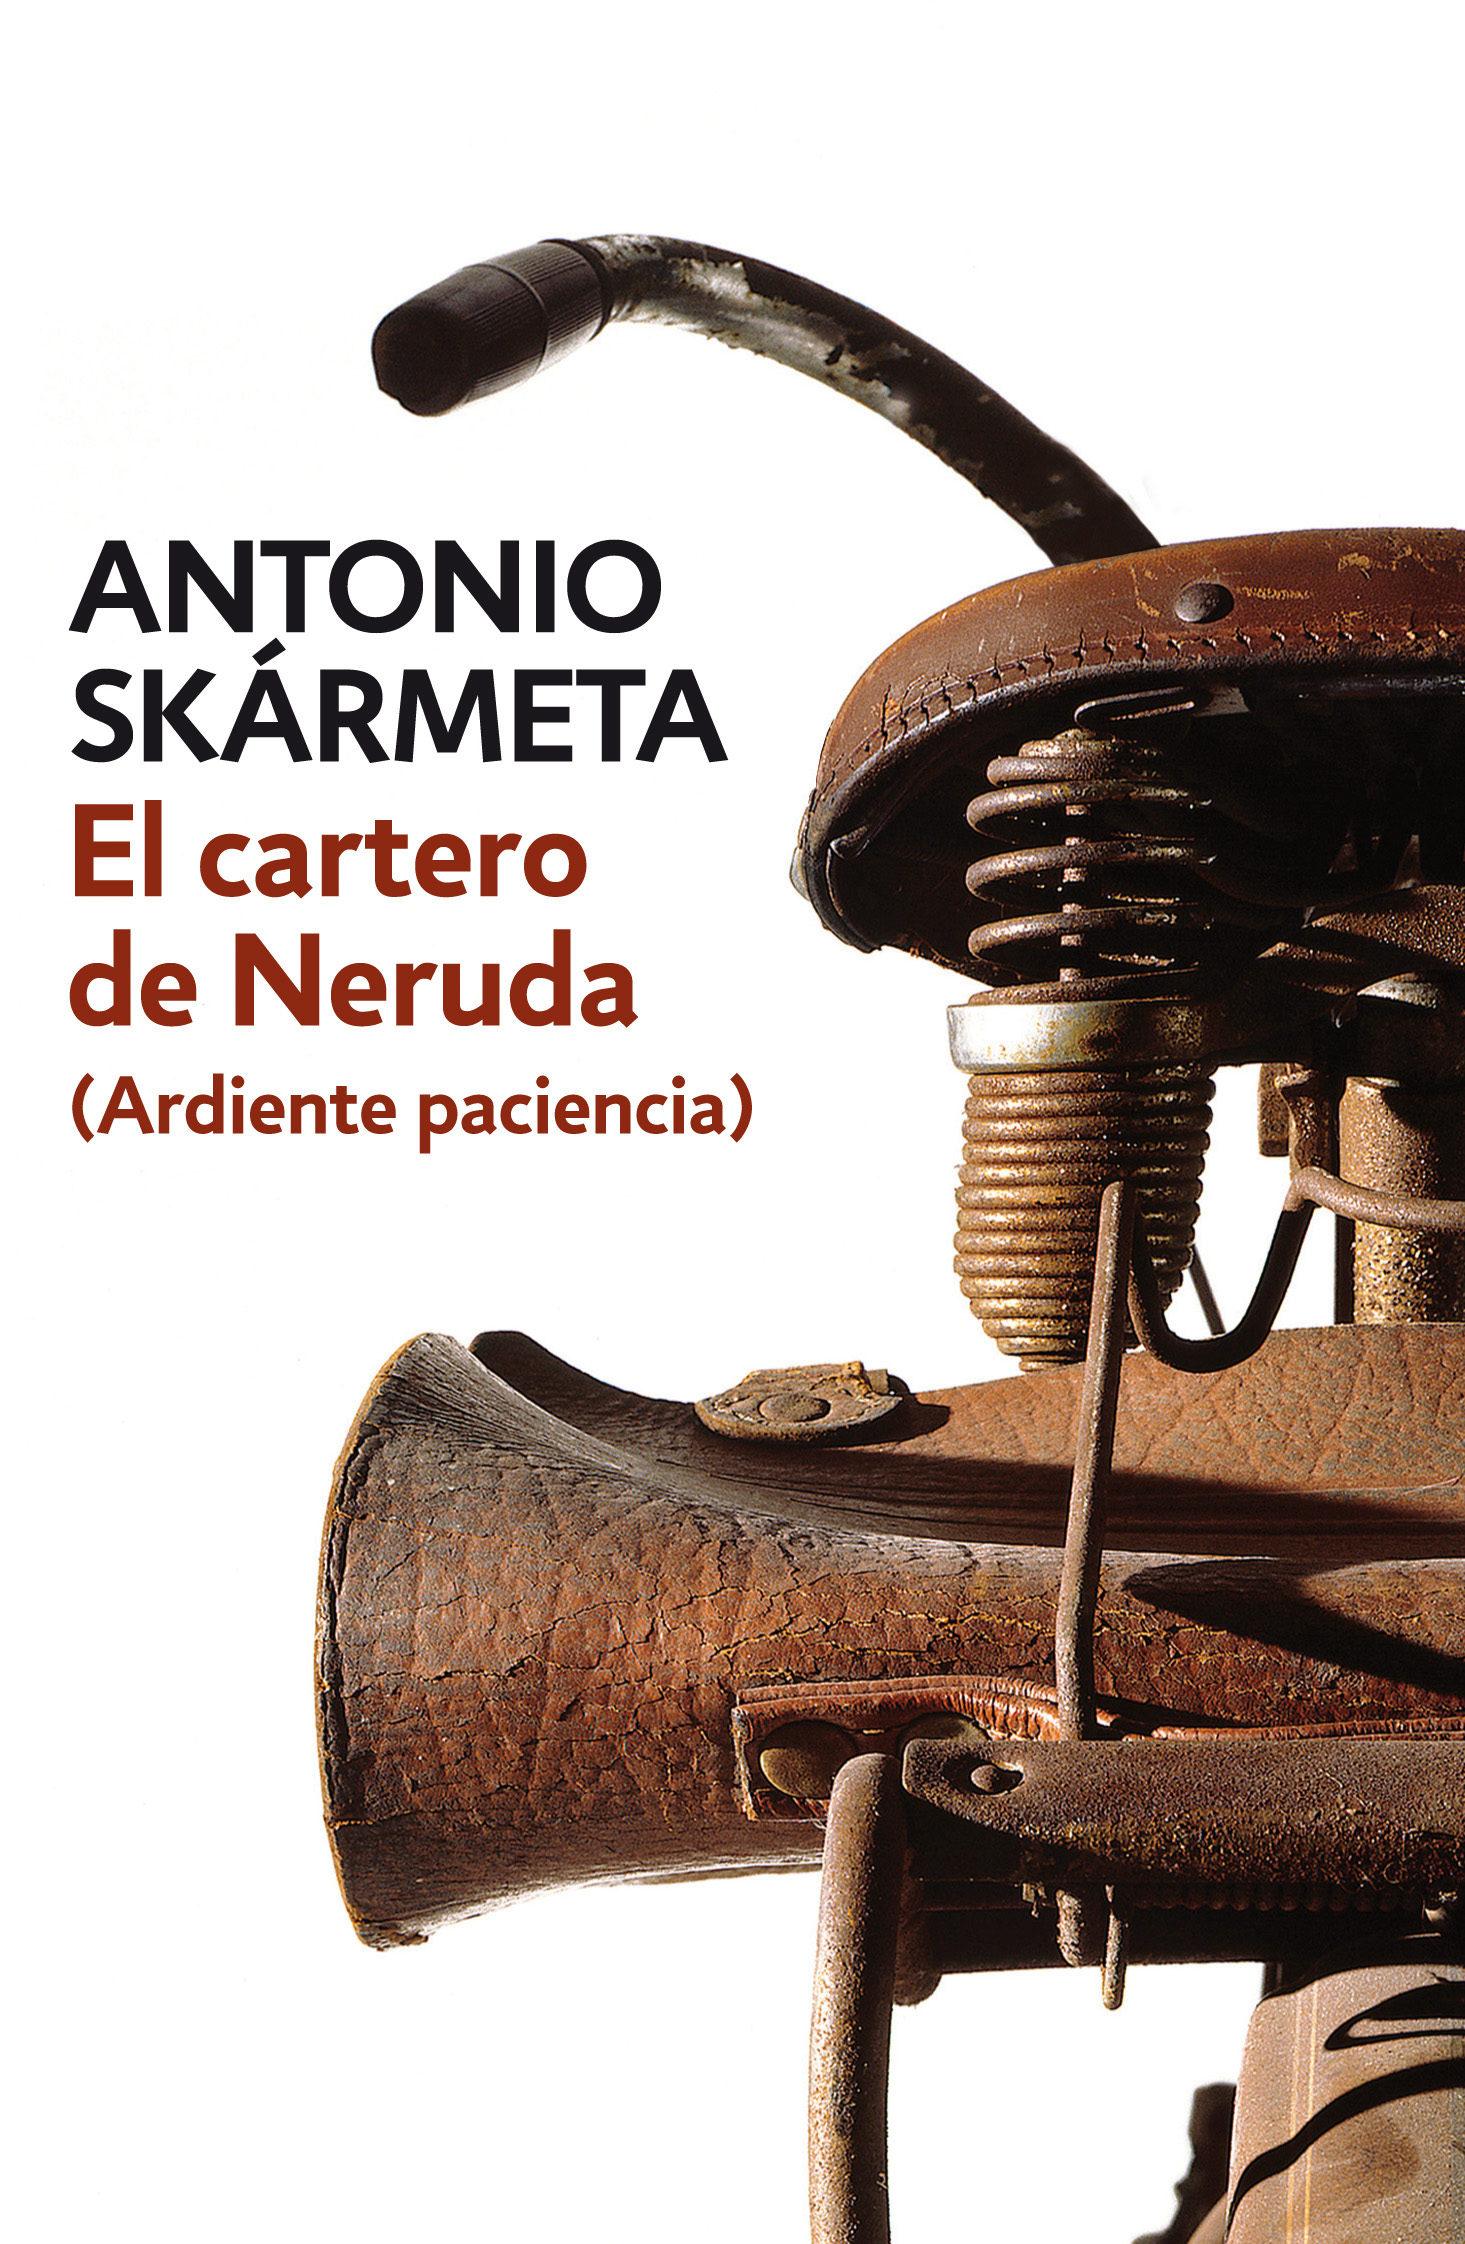 Antonio skarmeta 9